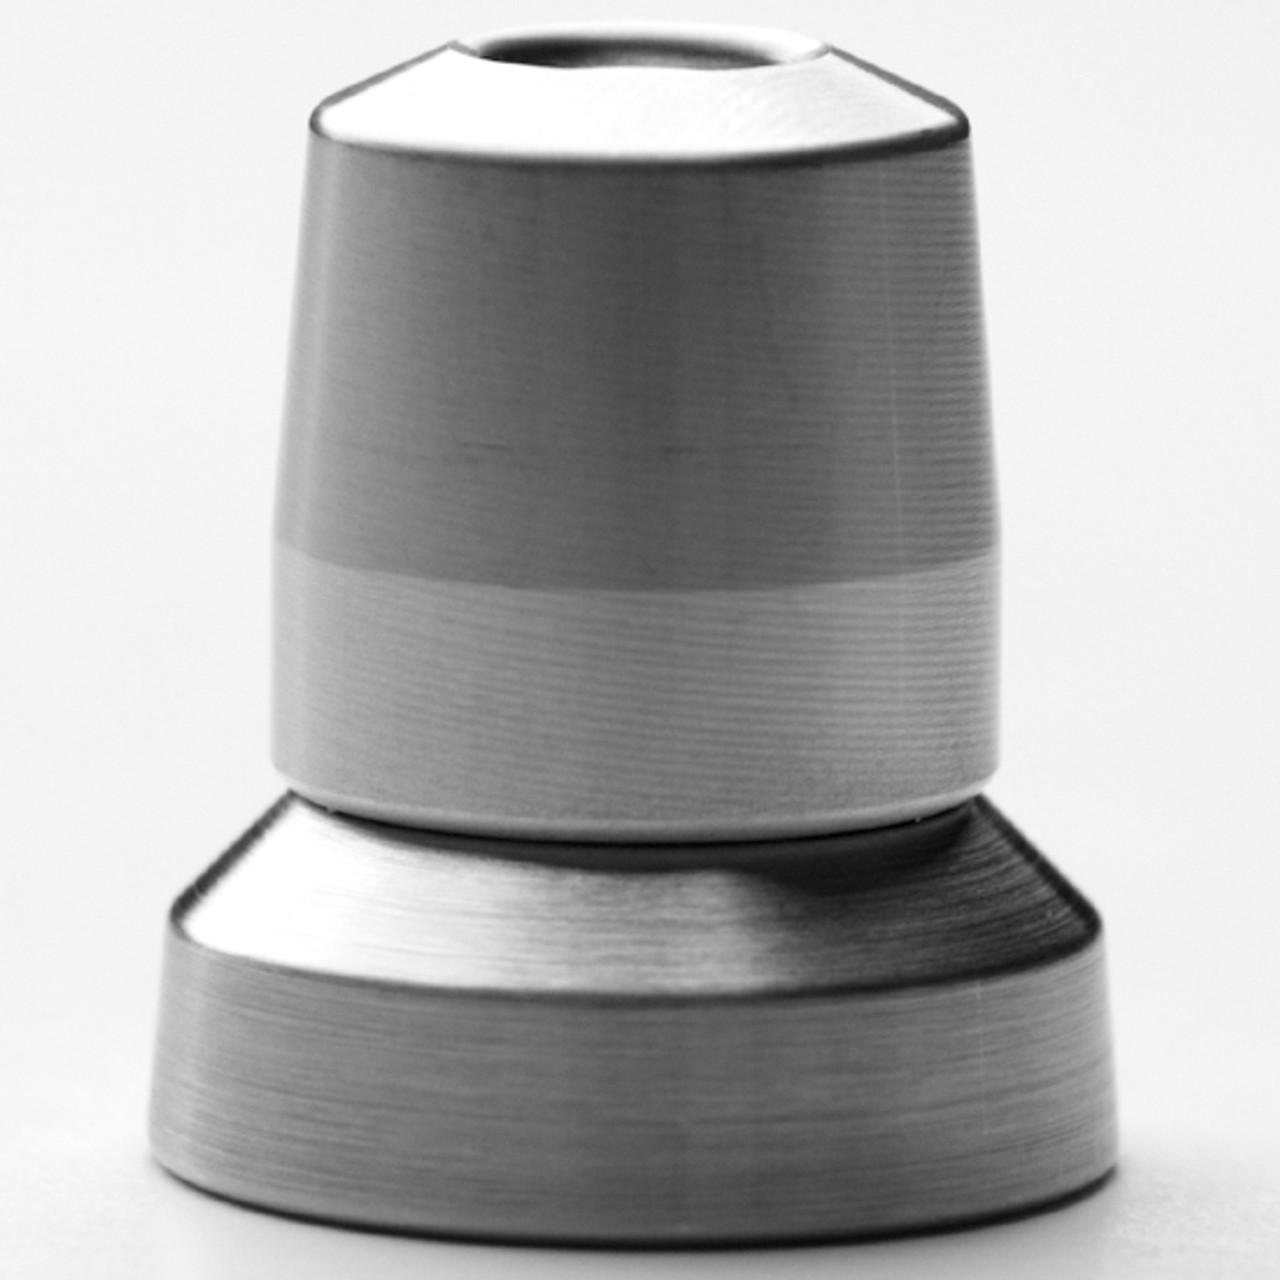 Stillpoints Ultra Mini isolation footers